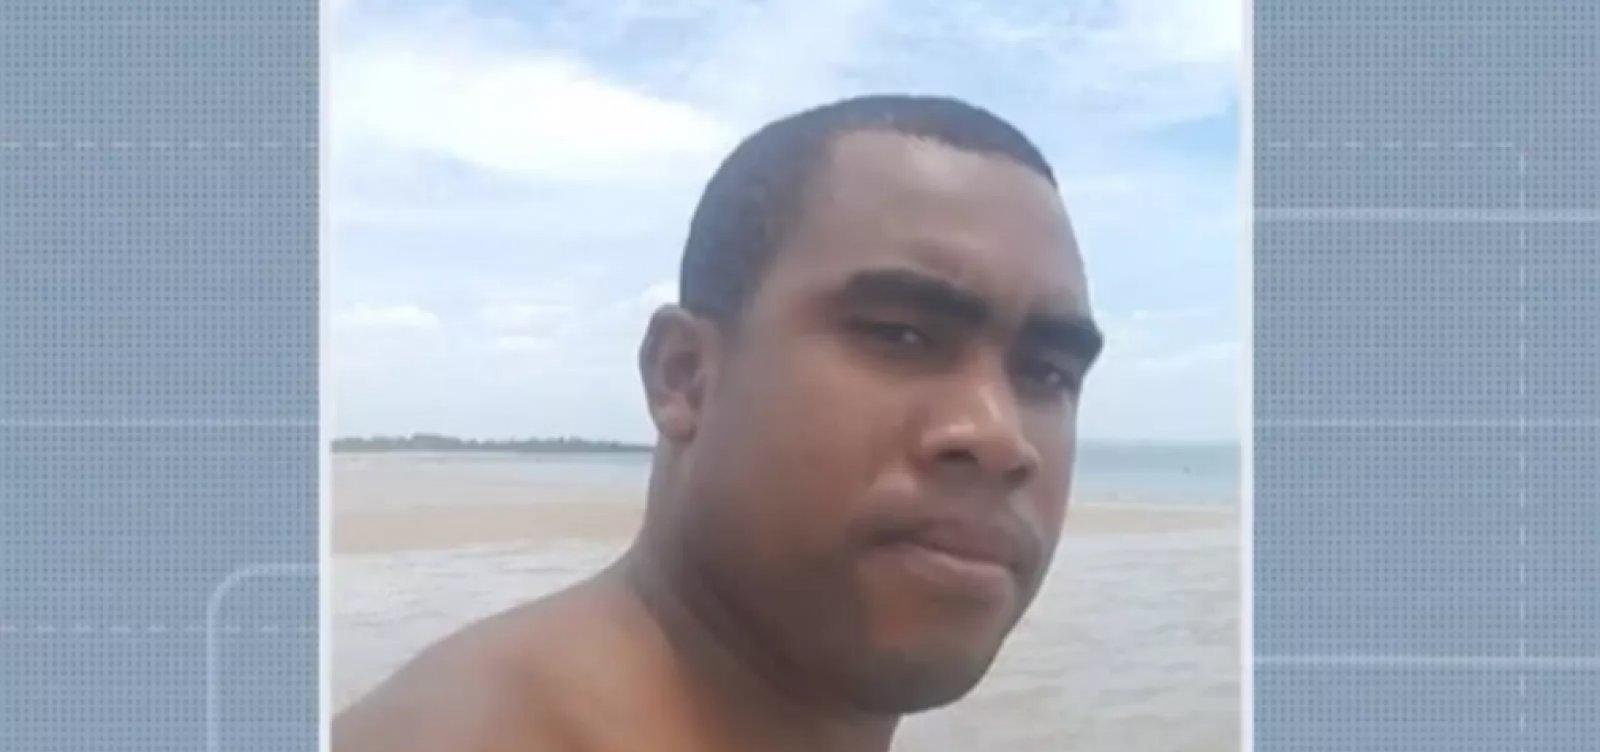 Suspeito de matar ex-namorada a tiros em Cachoeira tem prisão preventiva decretada